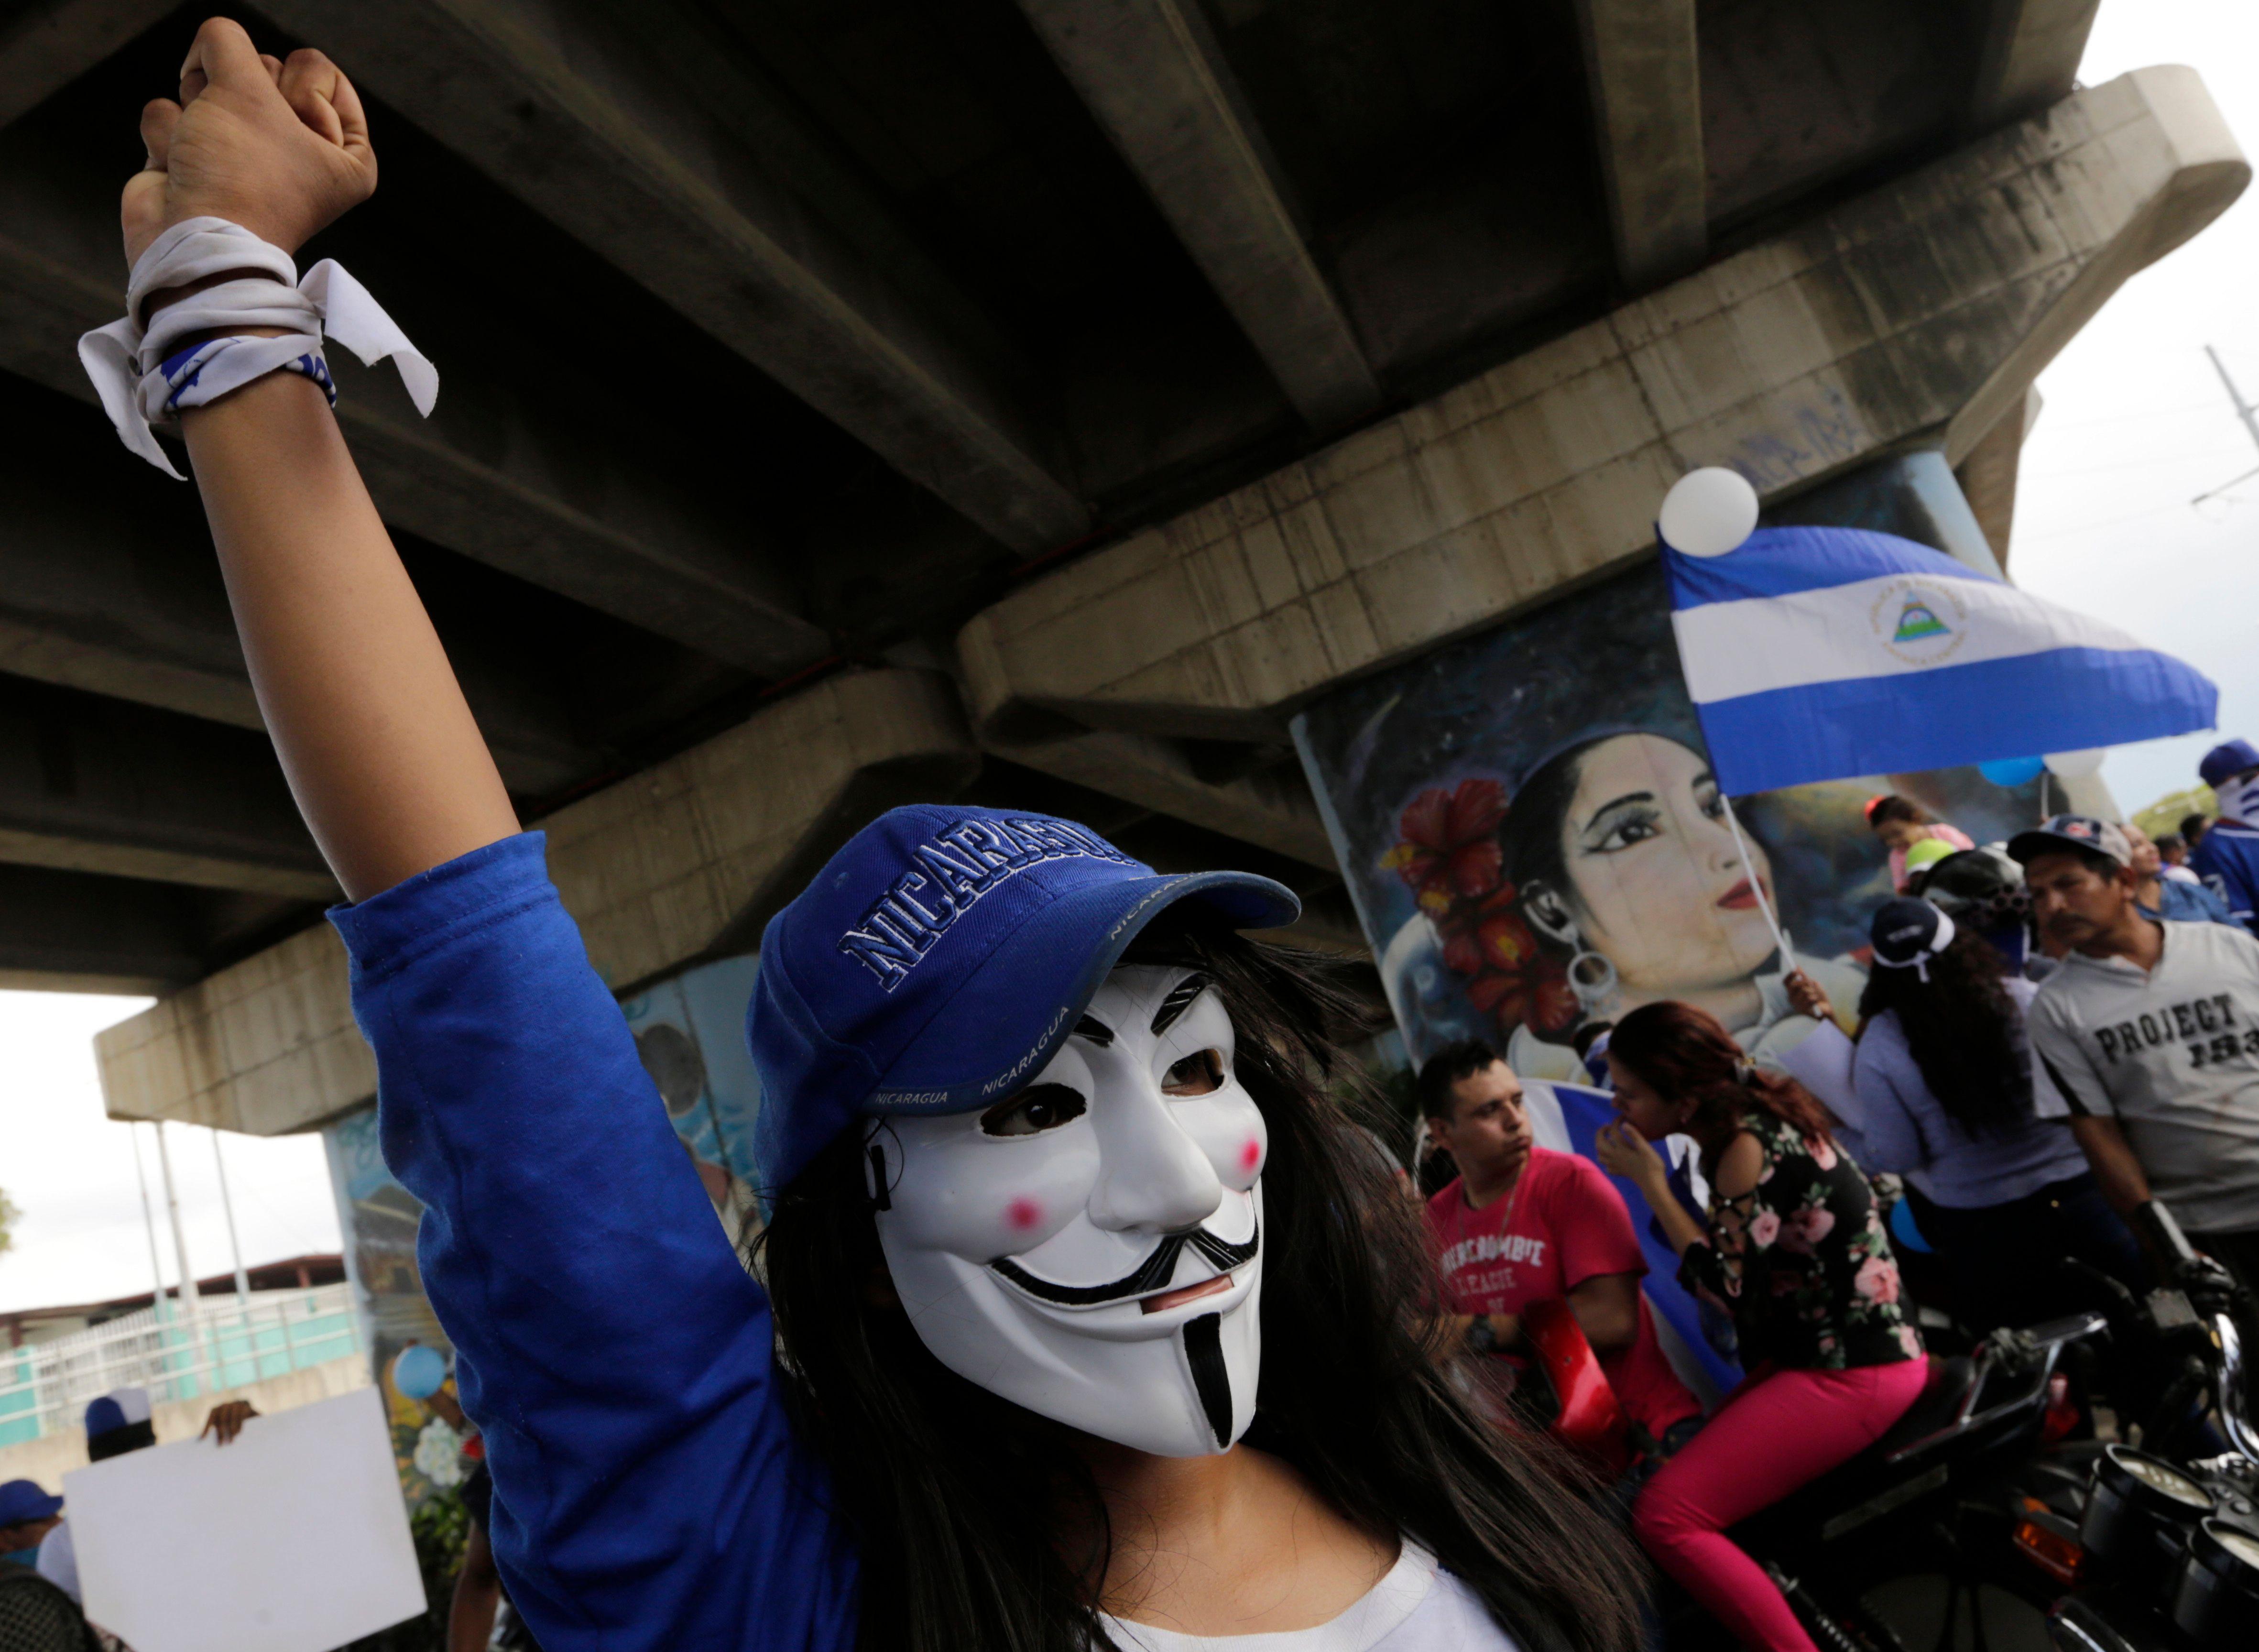 فتاة تشارك فى التظاهرات